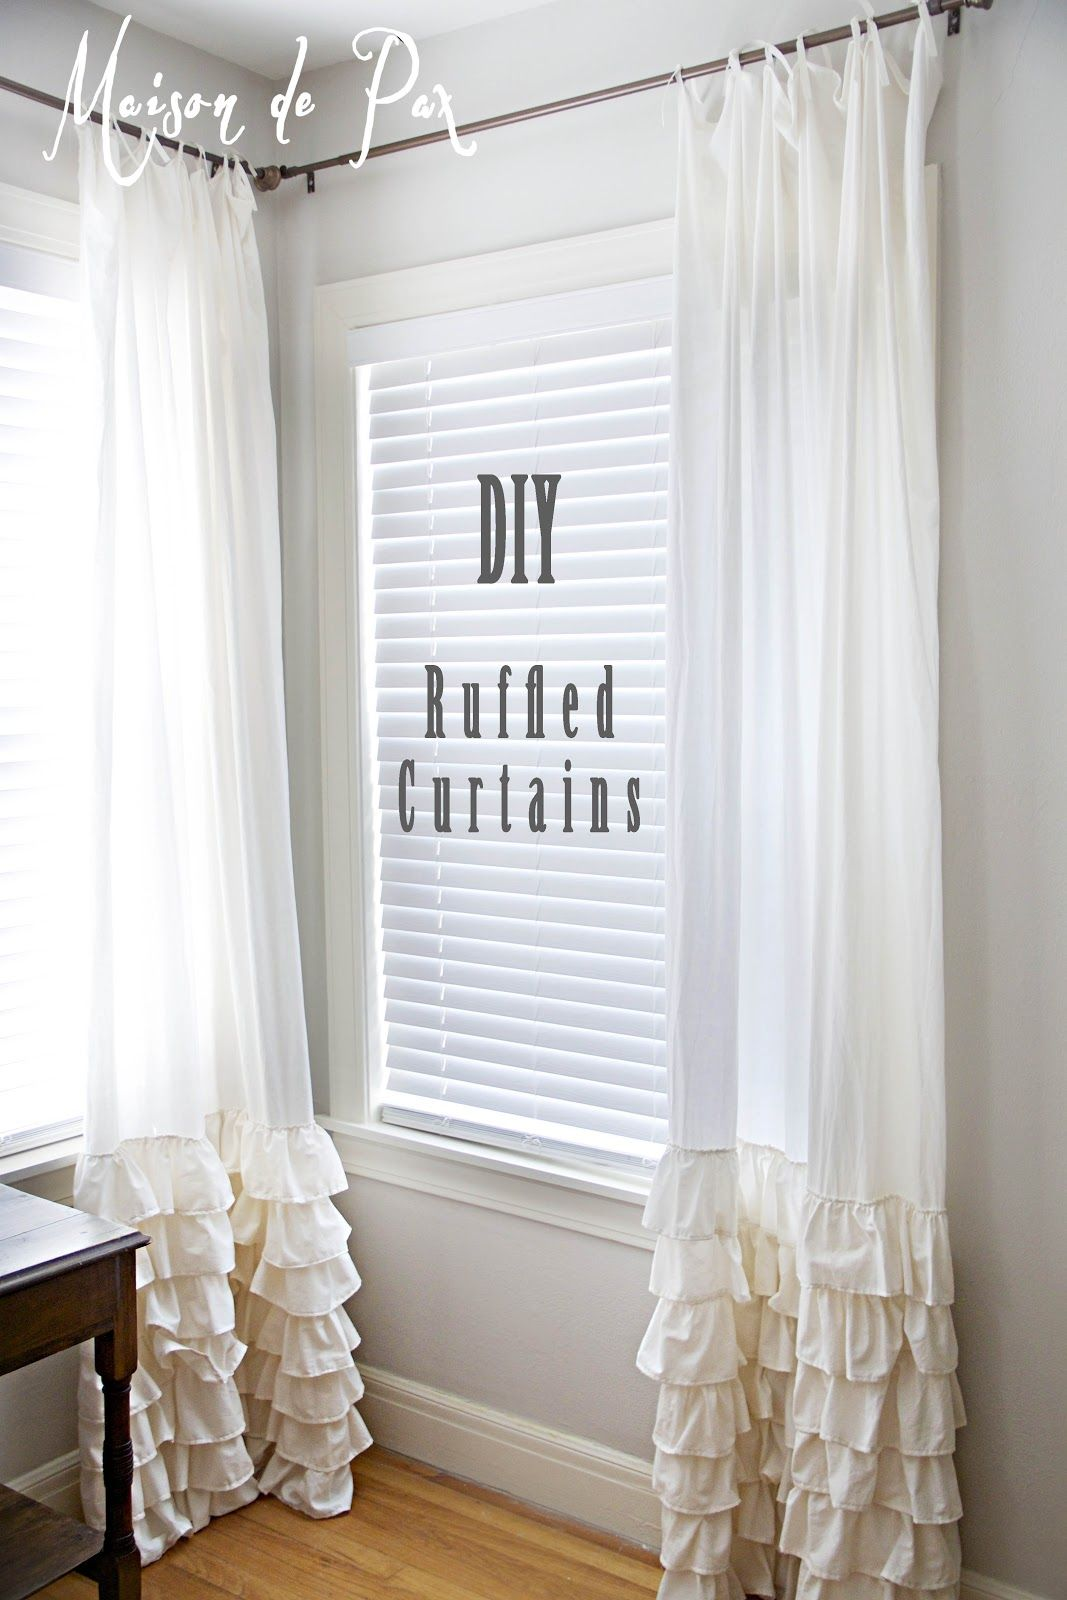 set wp window panel lushdecor decor ivory curtain products avery com curtains ruffle pair lush